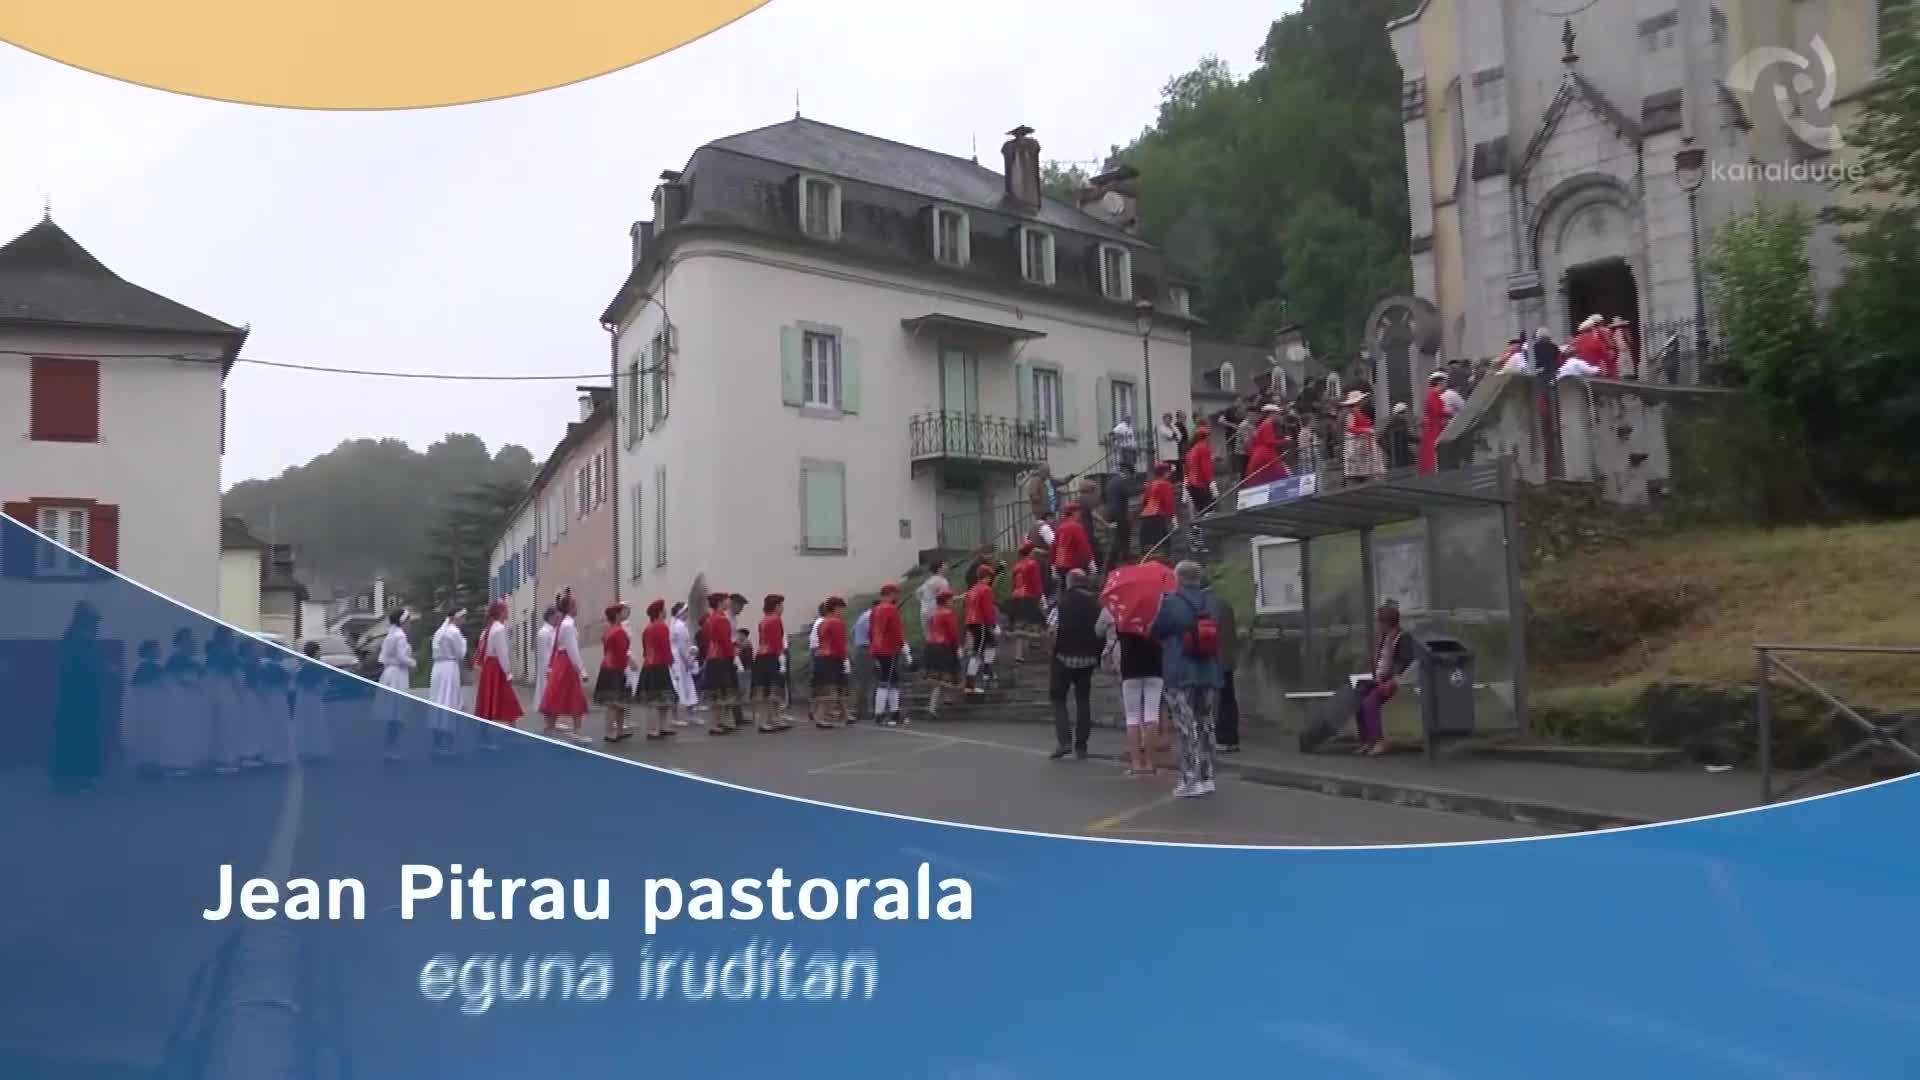 Jean Pitrau pastorala eguna iruditan